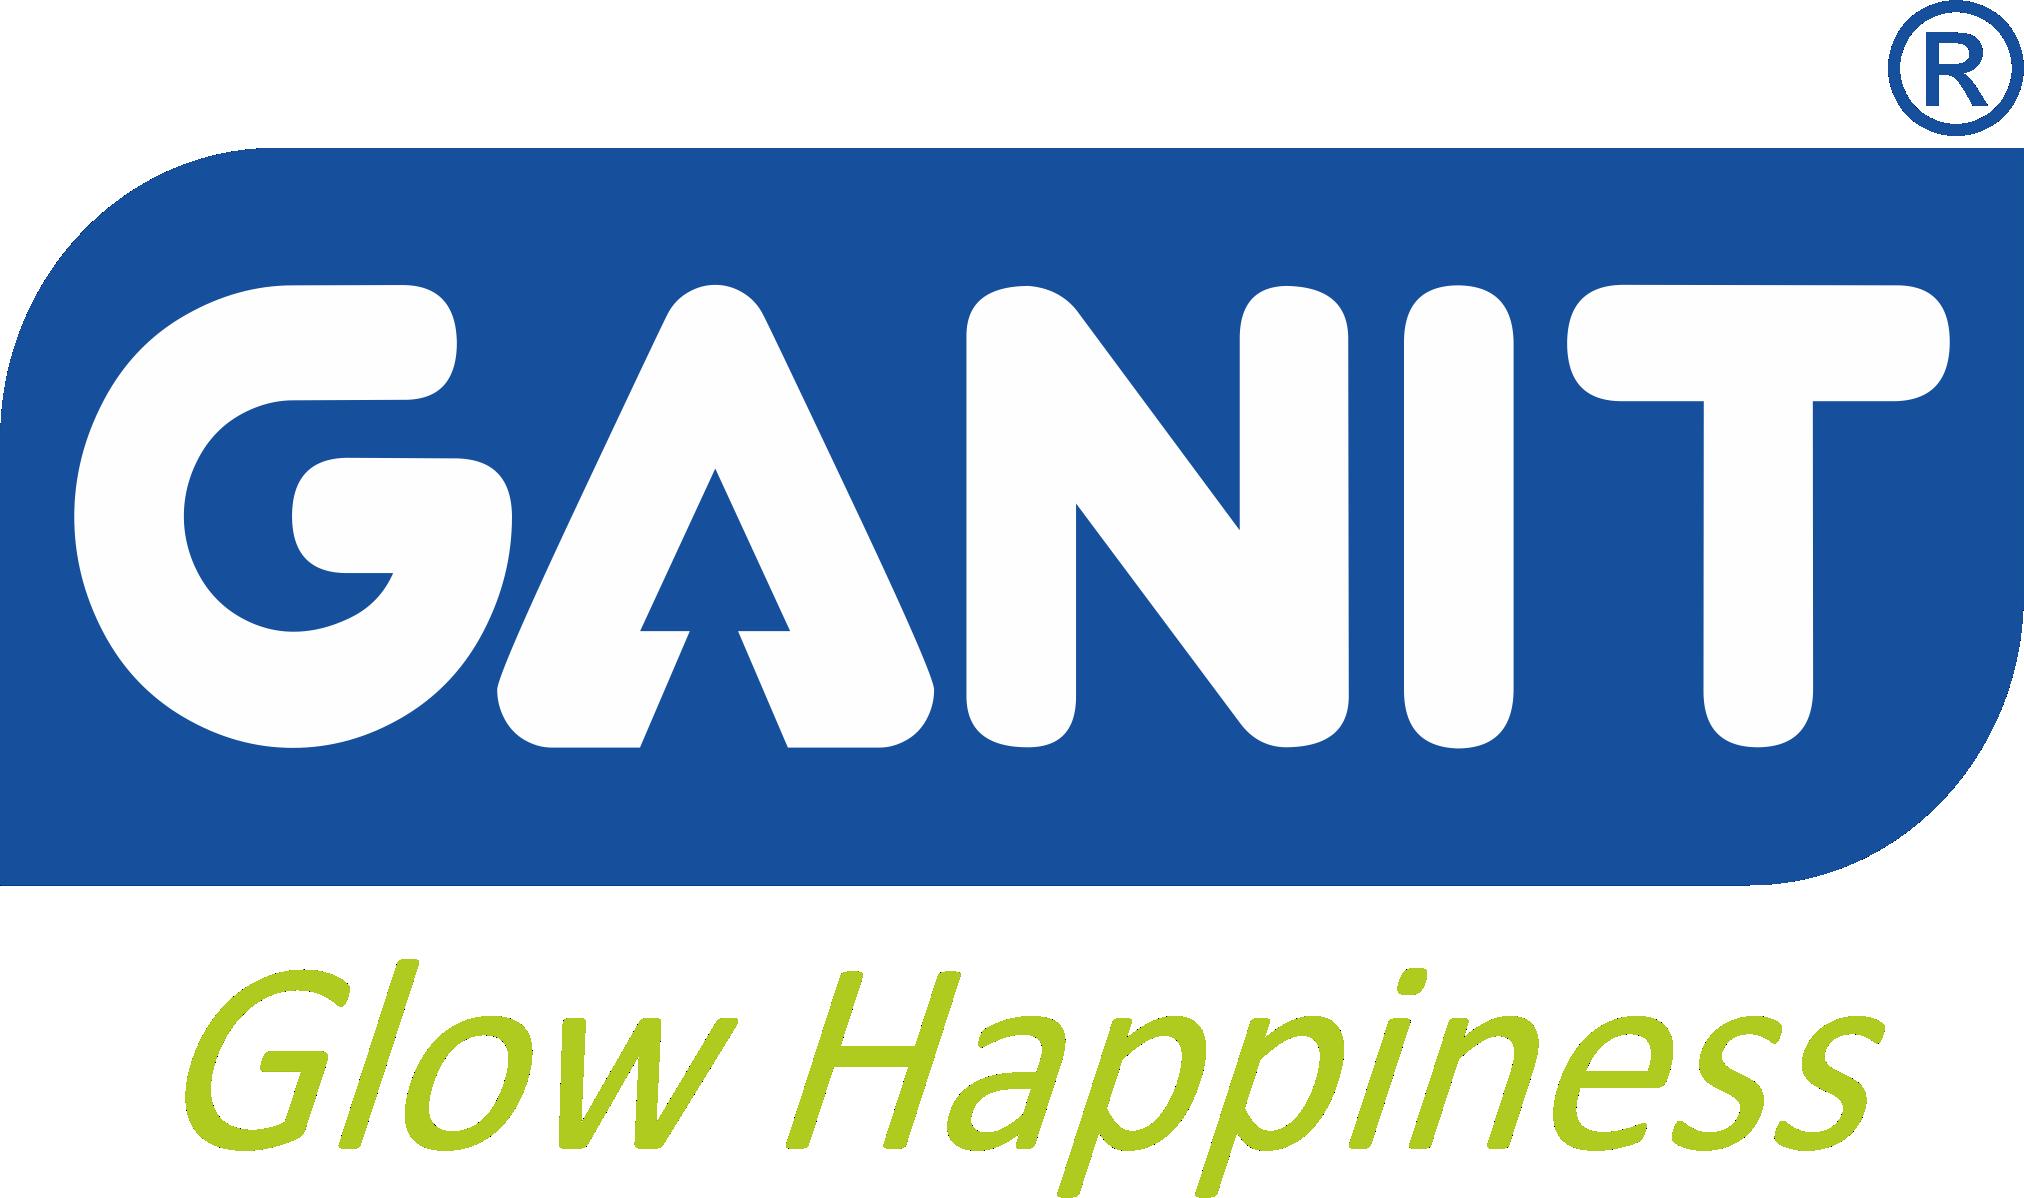 Ganitstar